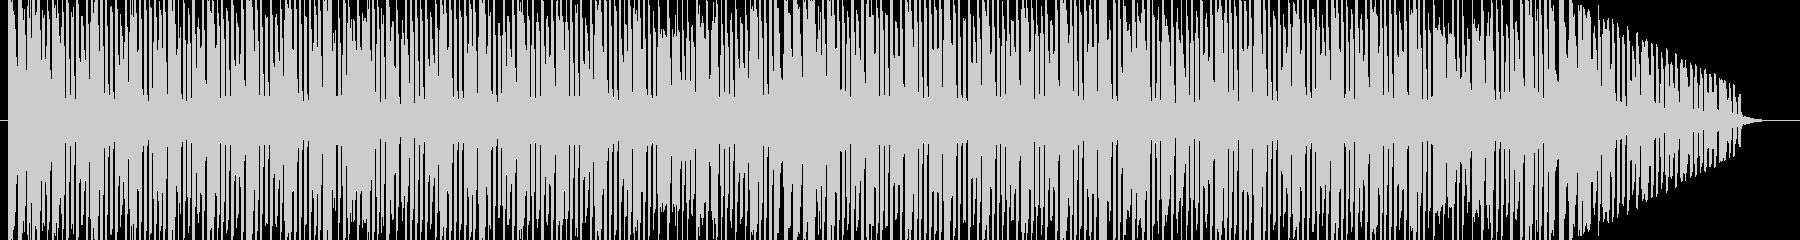 コミカルな曲調の曲ですの未再生の波形